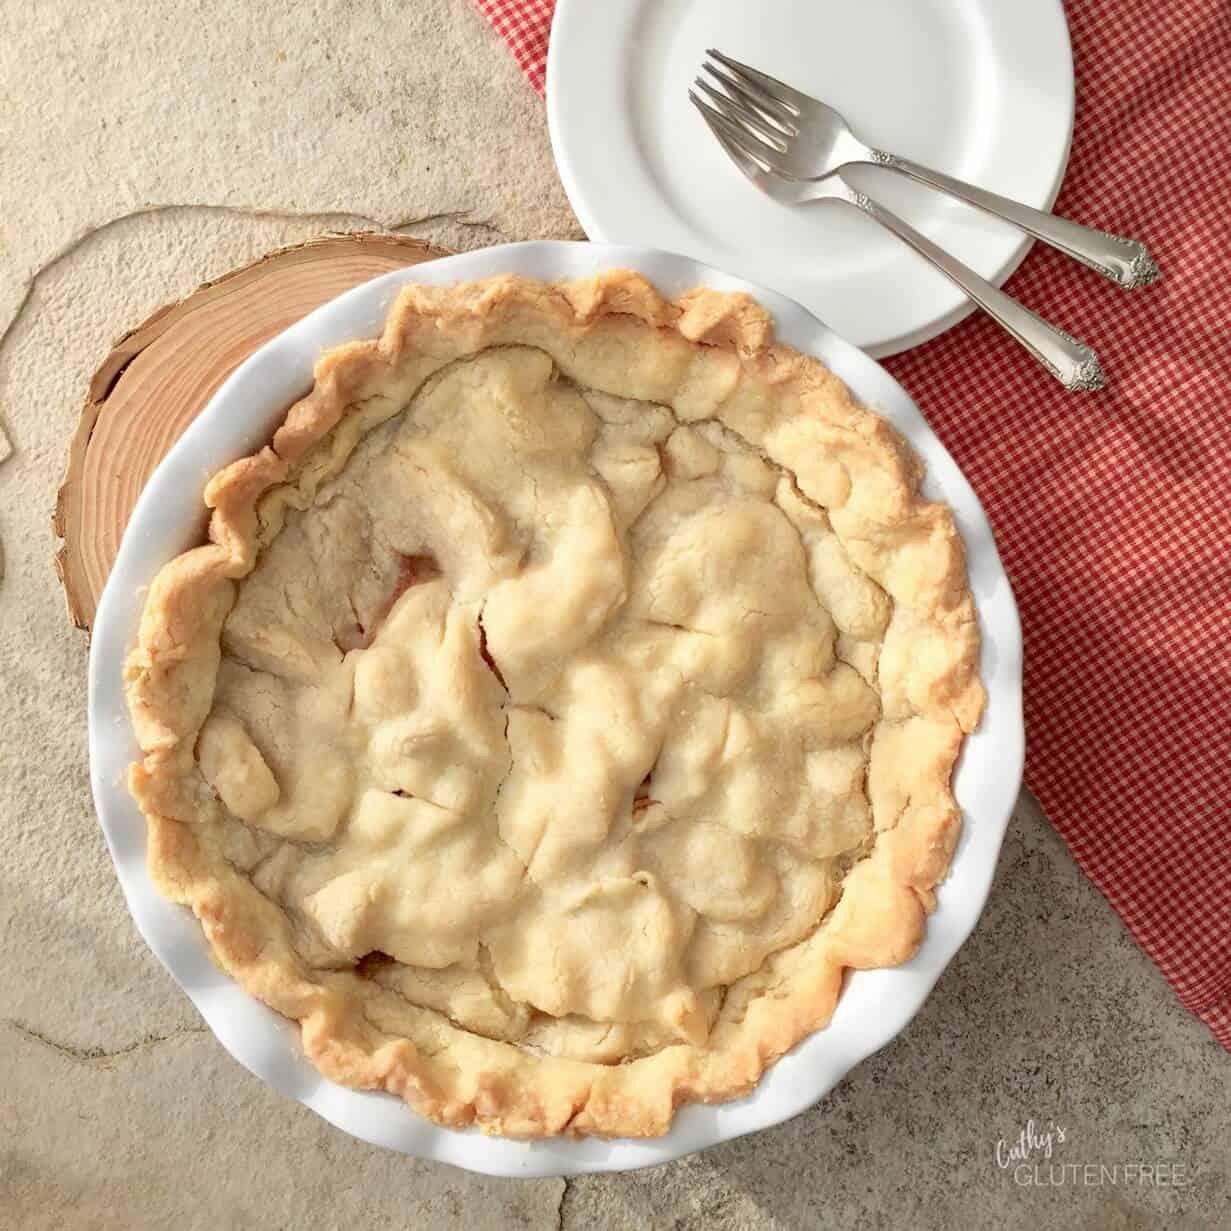 The Best Gluten Free Pie Crust CathysGlutenFree.com